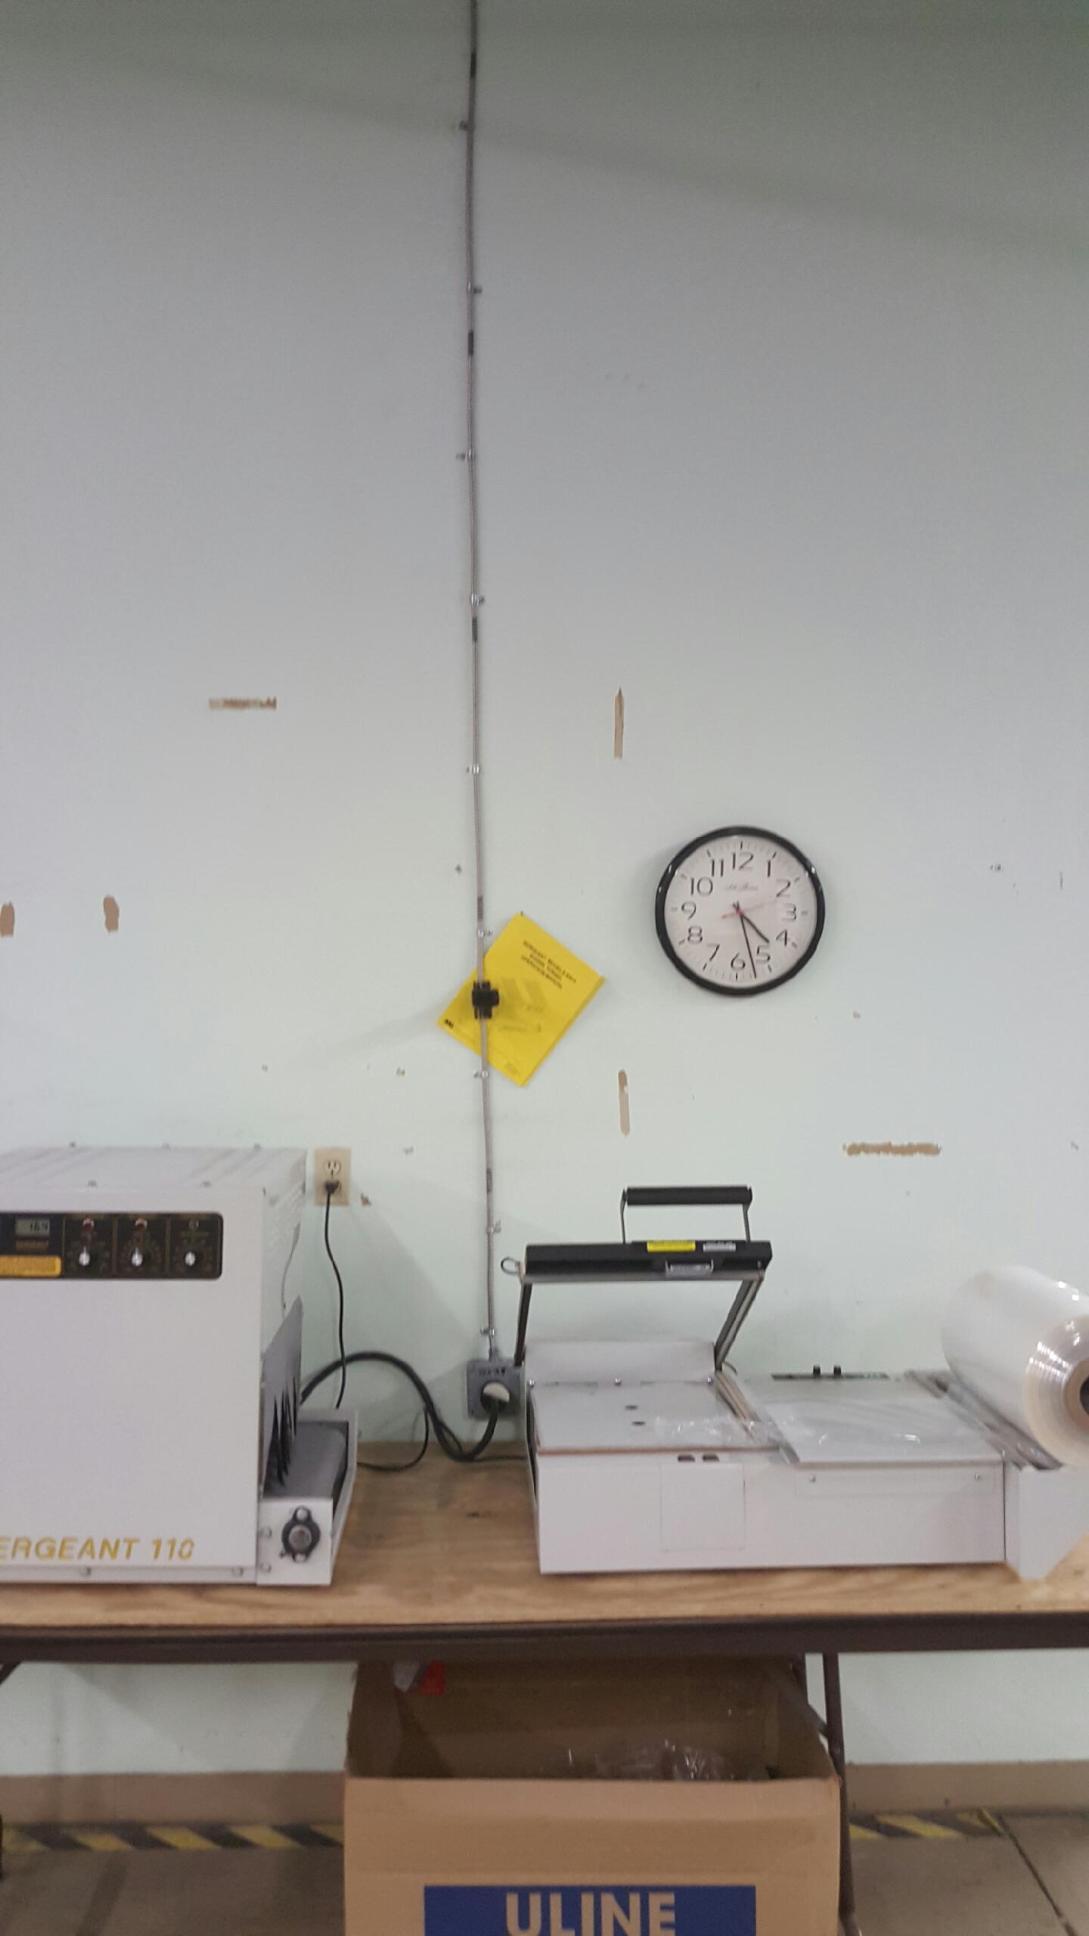 electricalequipmentinstallation